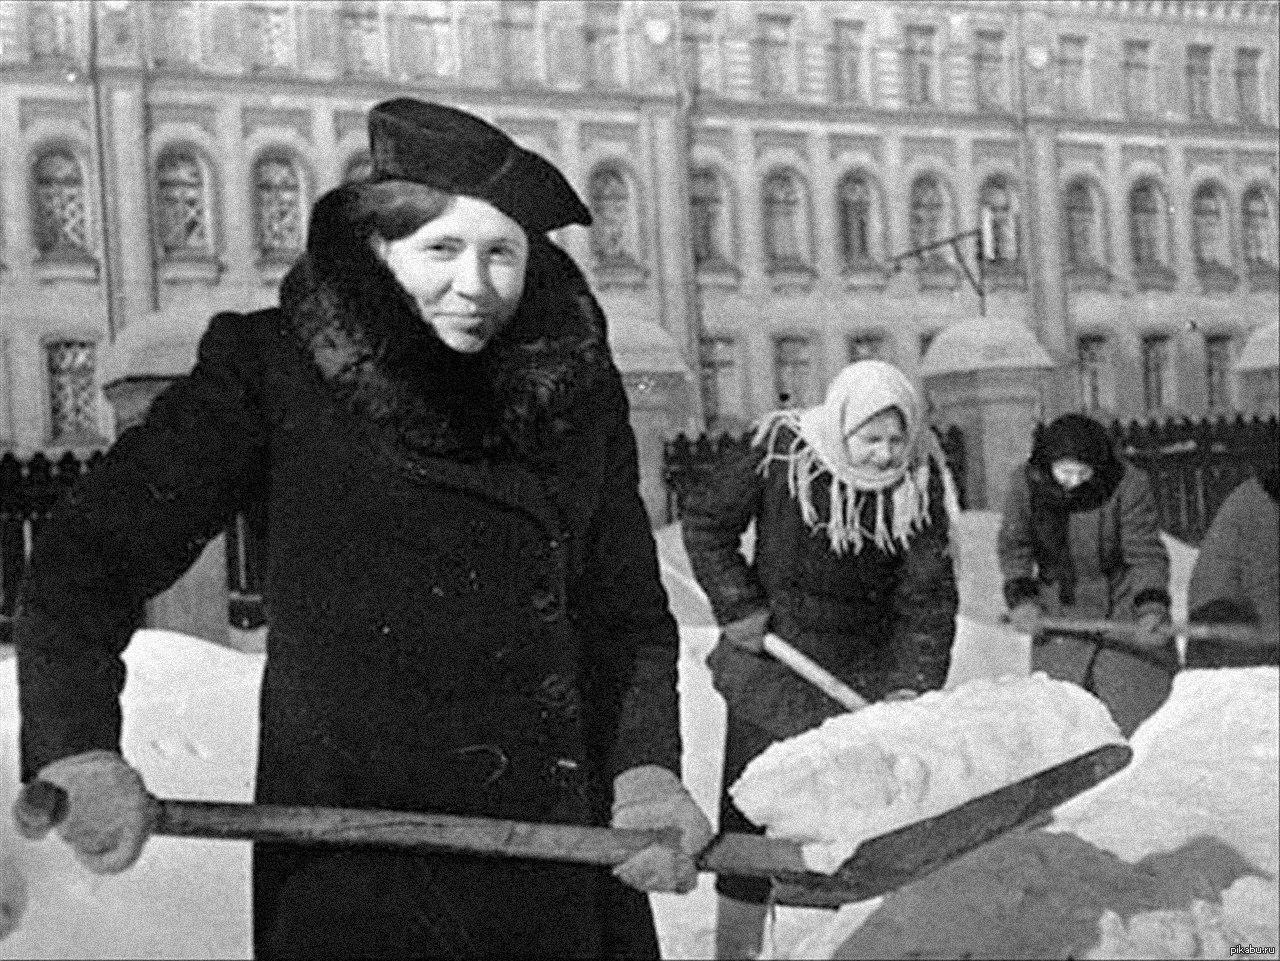 артисты блокадного ленинграда фото крепится